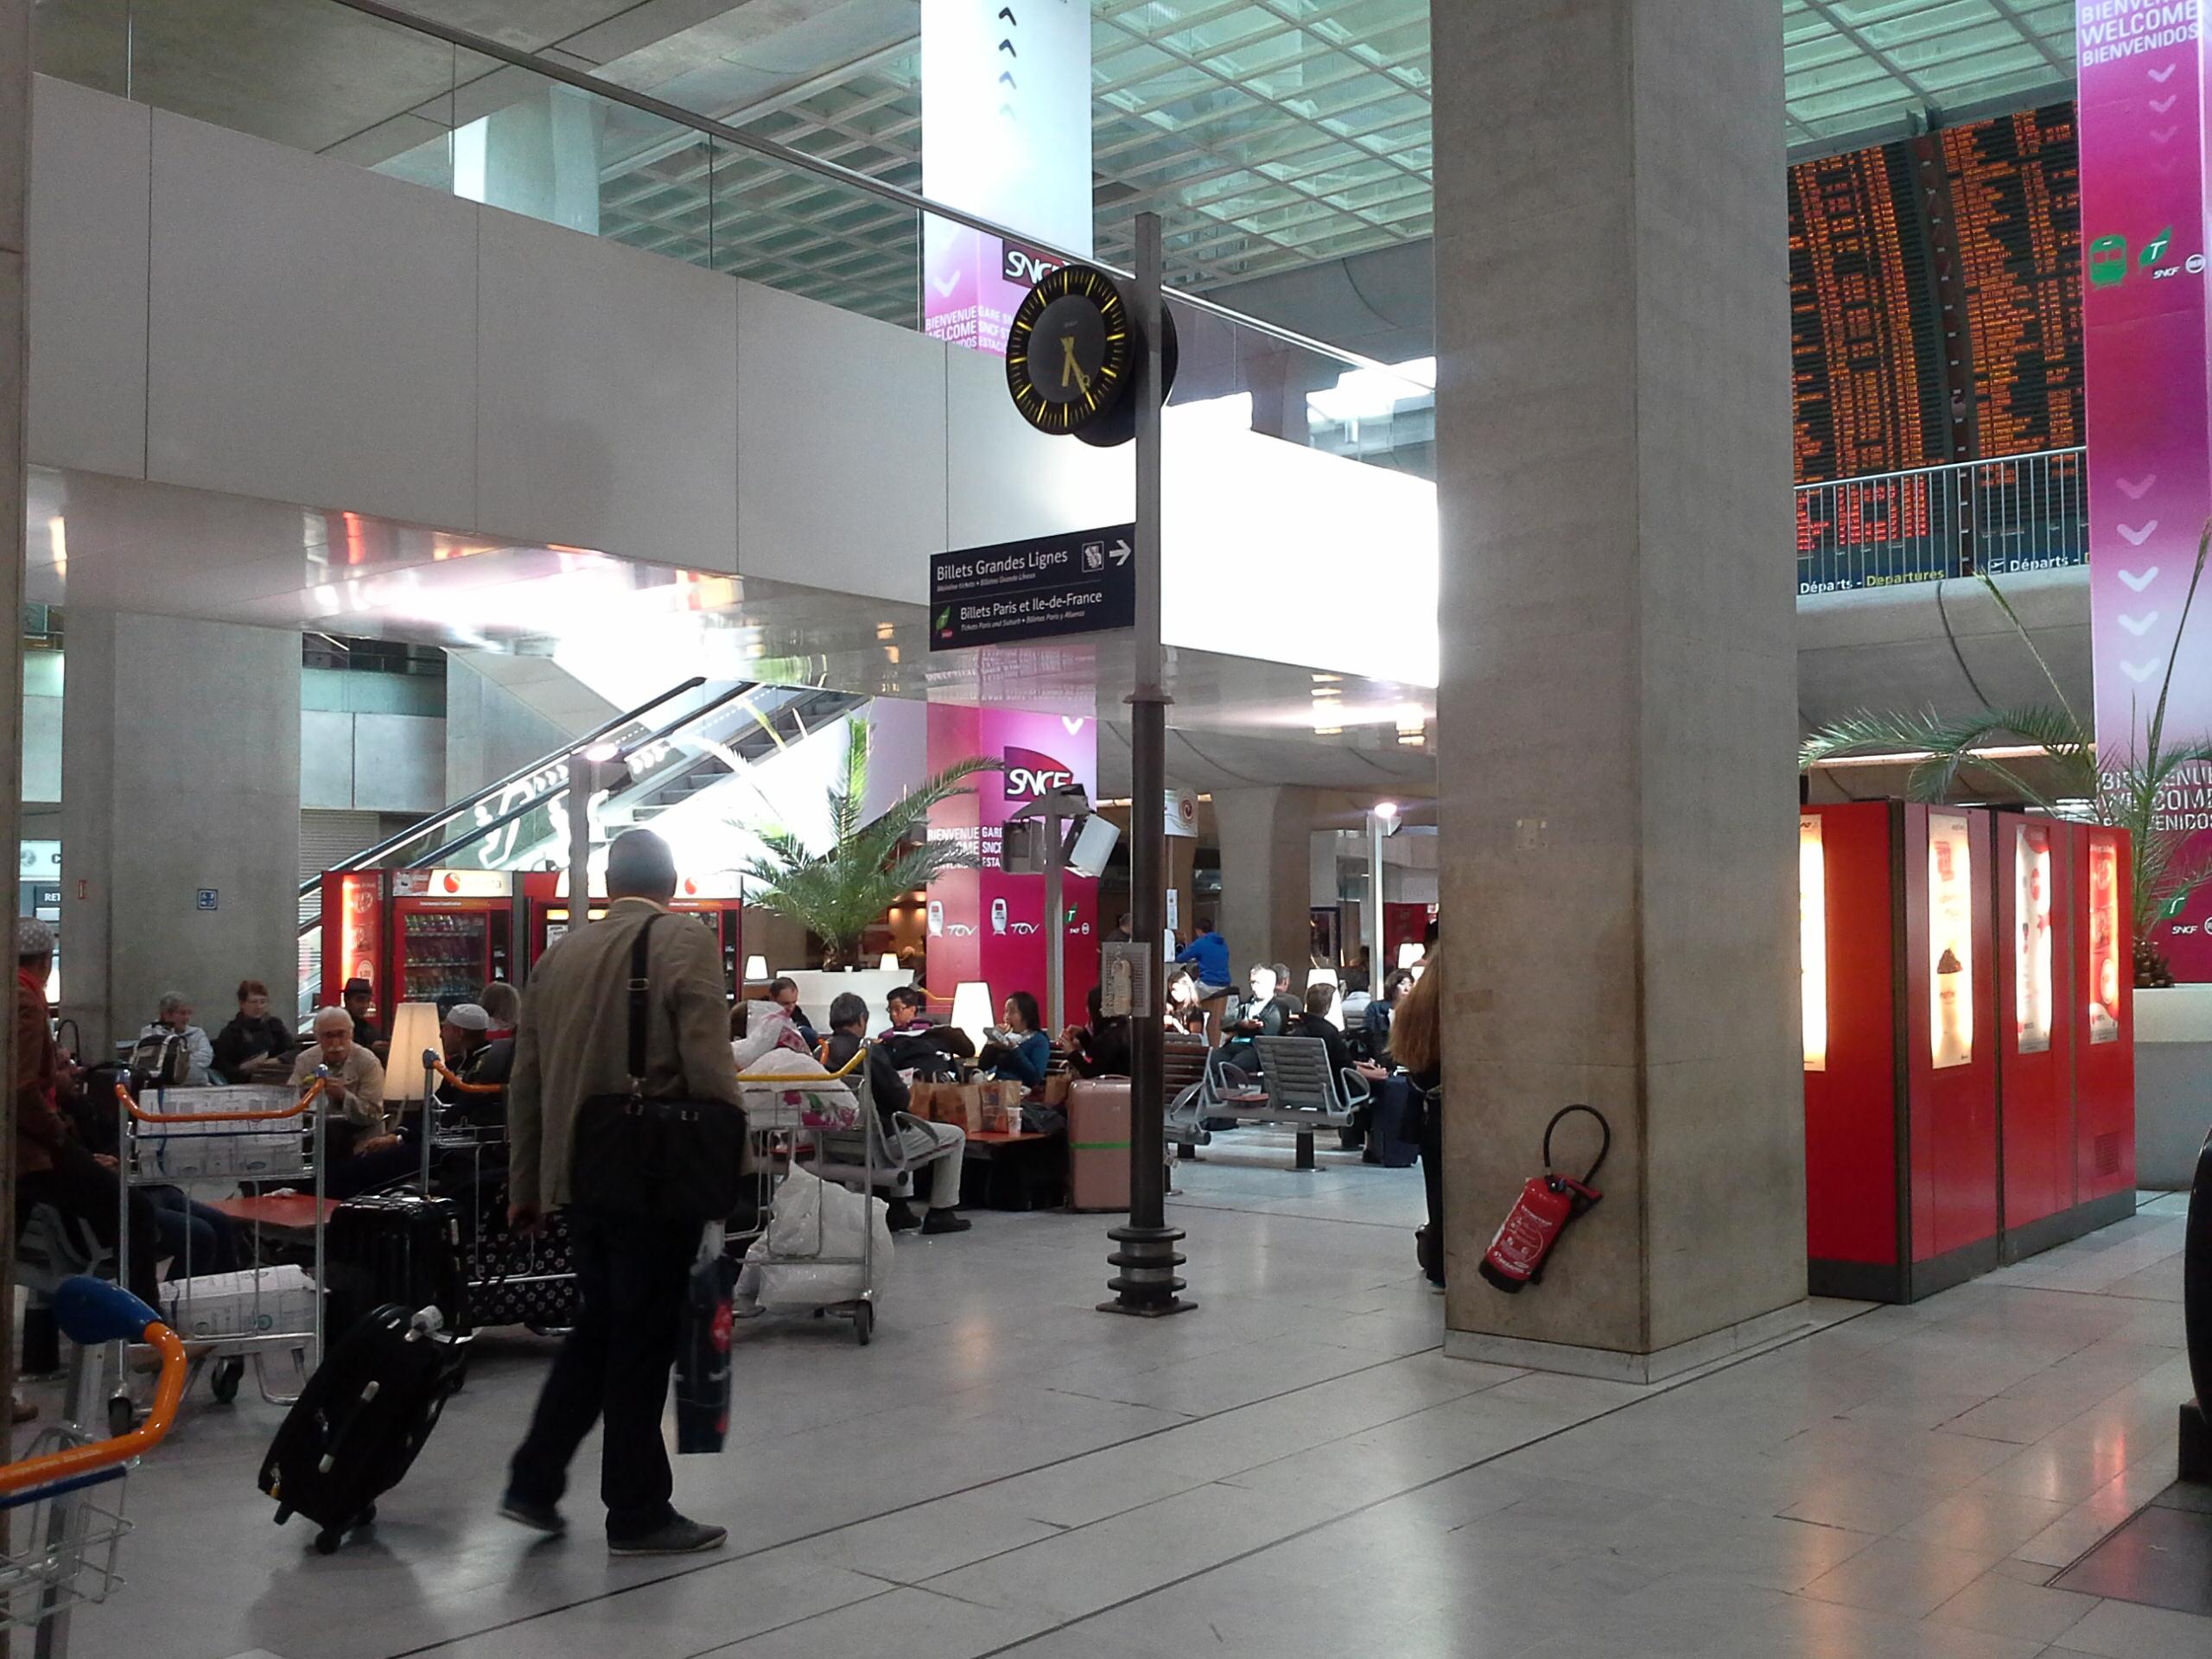 CDG estação terminal de trem